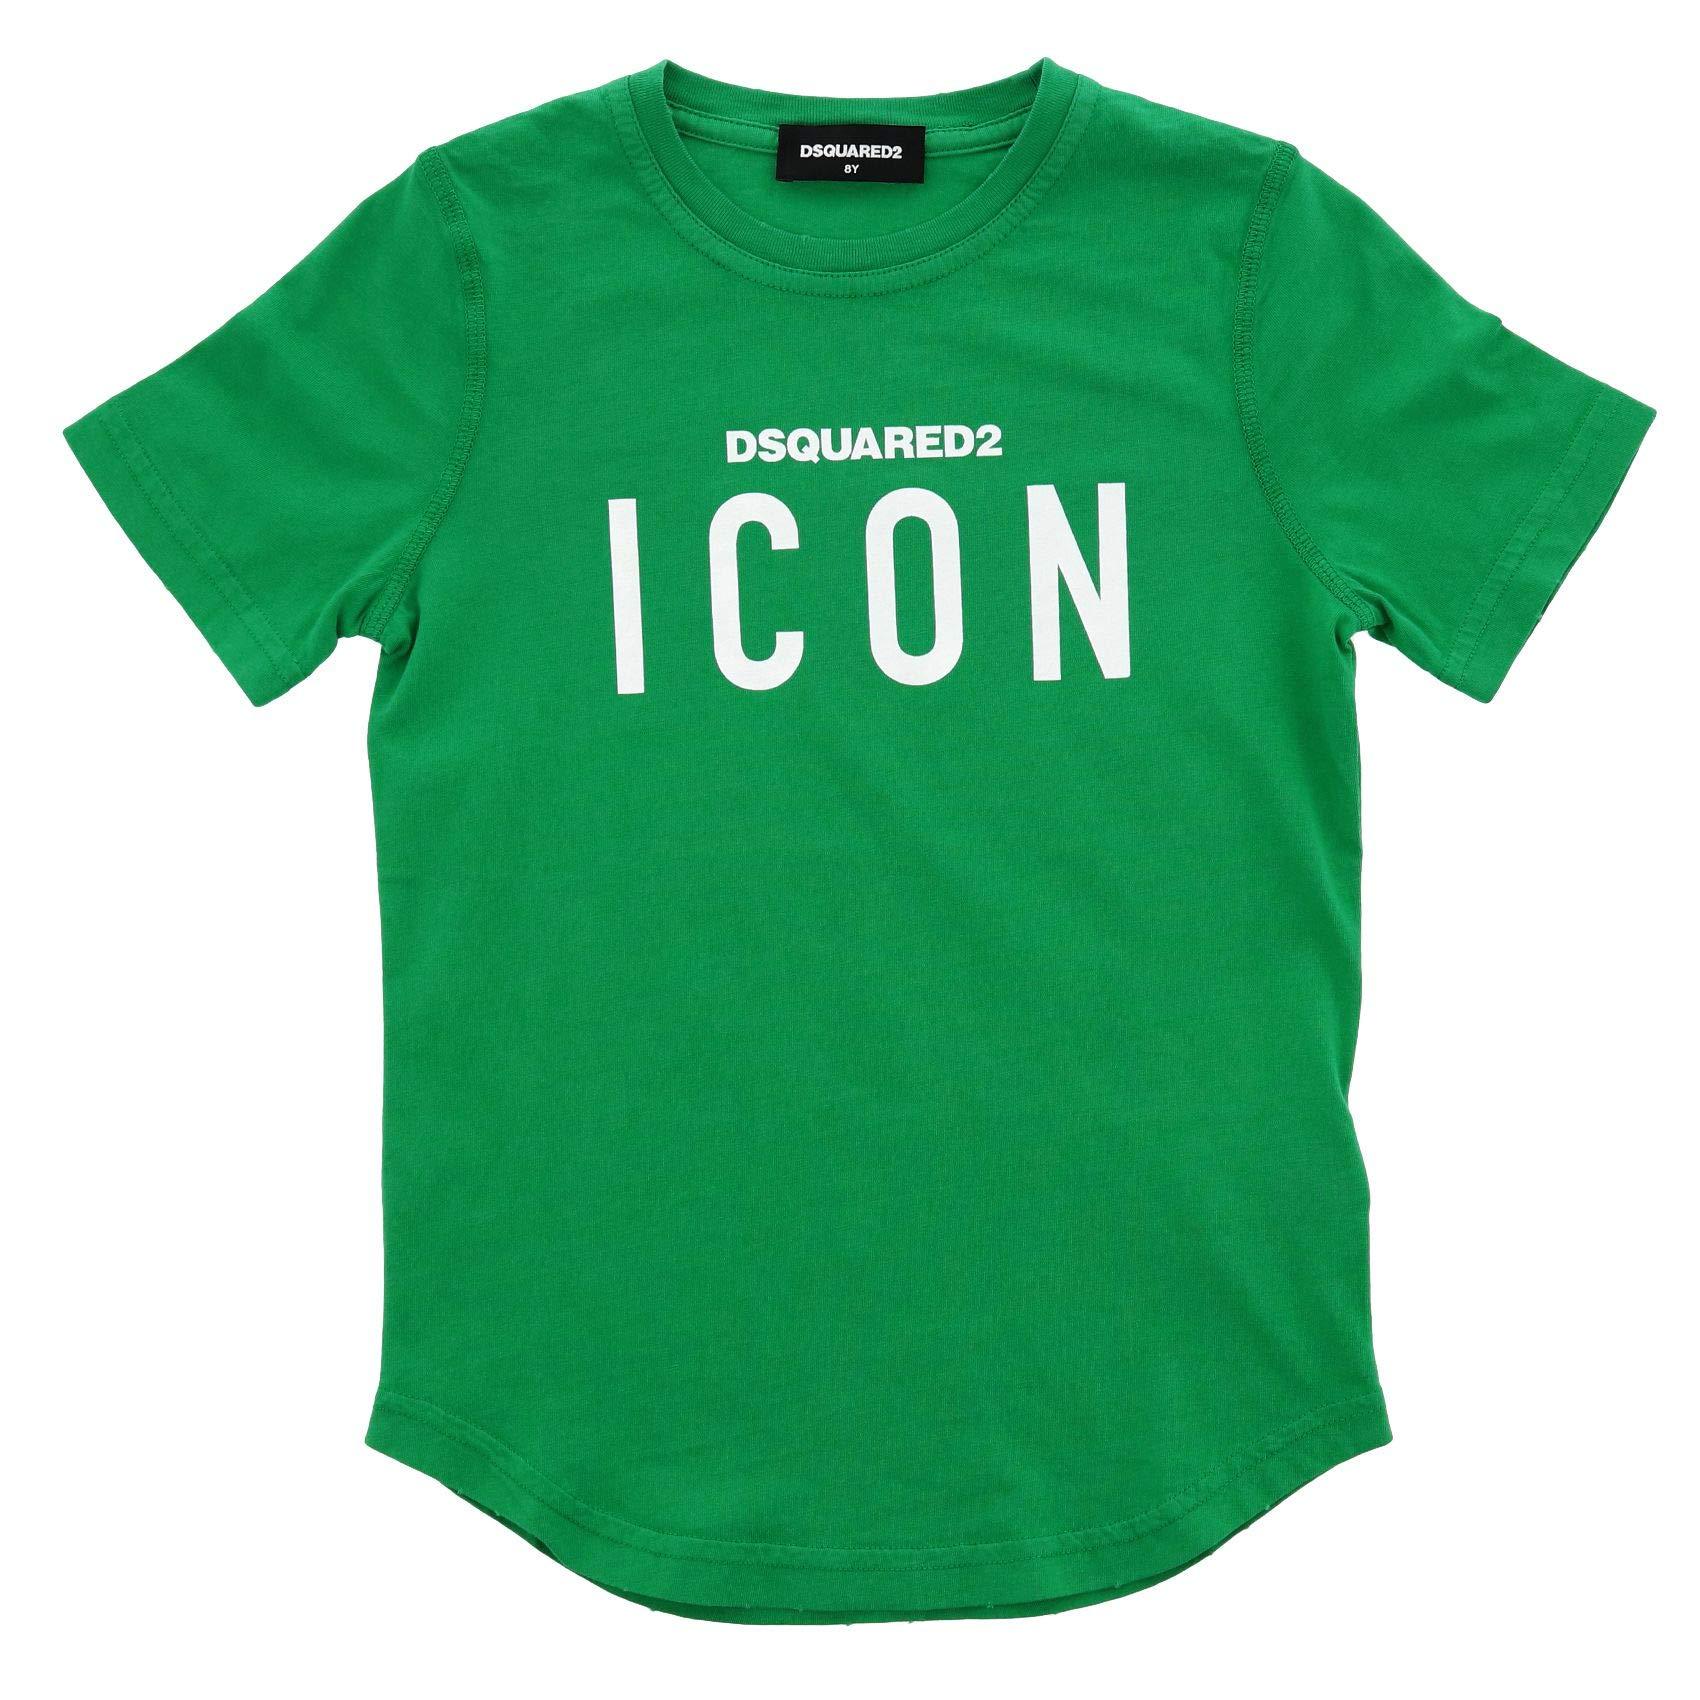 DSQUARED2 Boys Dq02m8d00mrdq505 Green Cotton T-Shirt